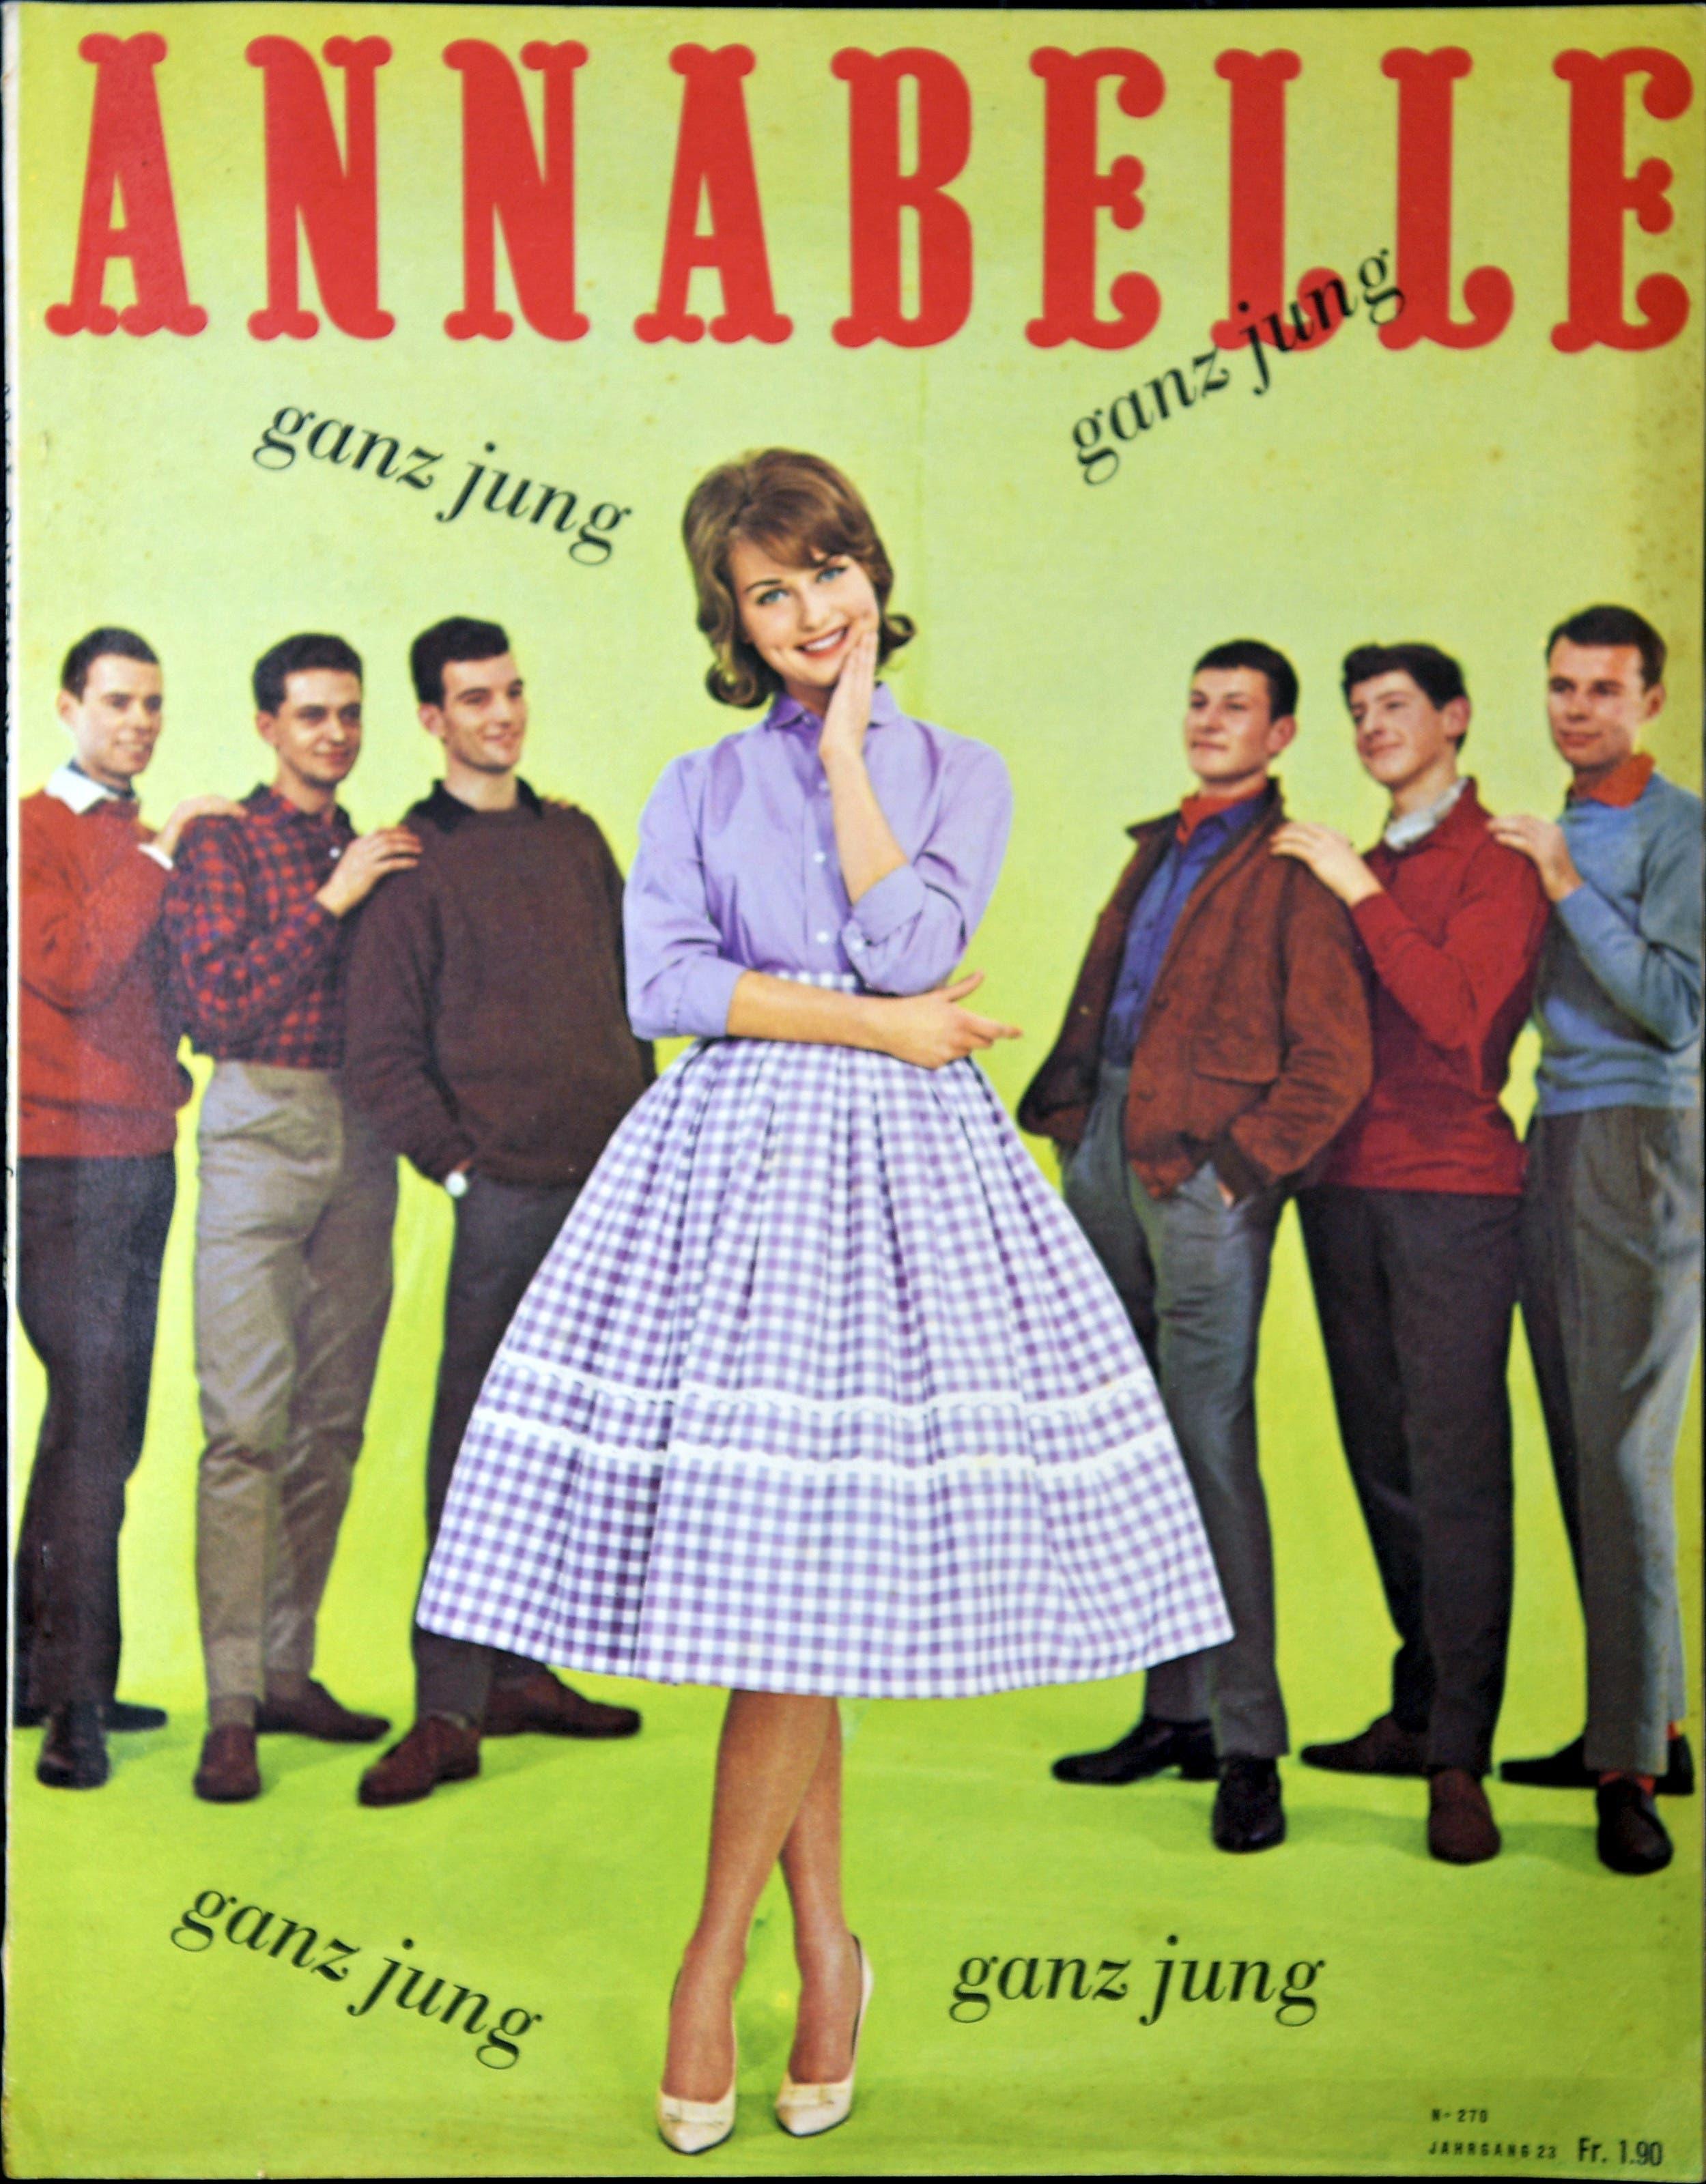 Annabelle, Frühjahr 1960